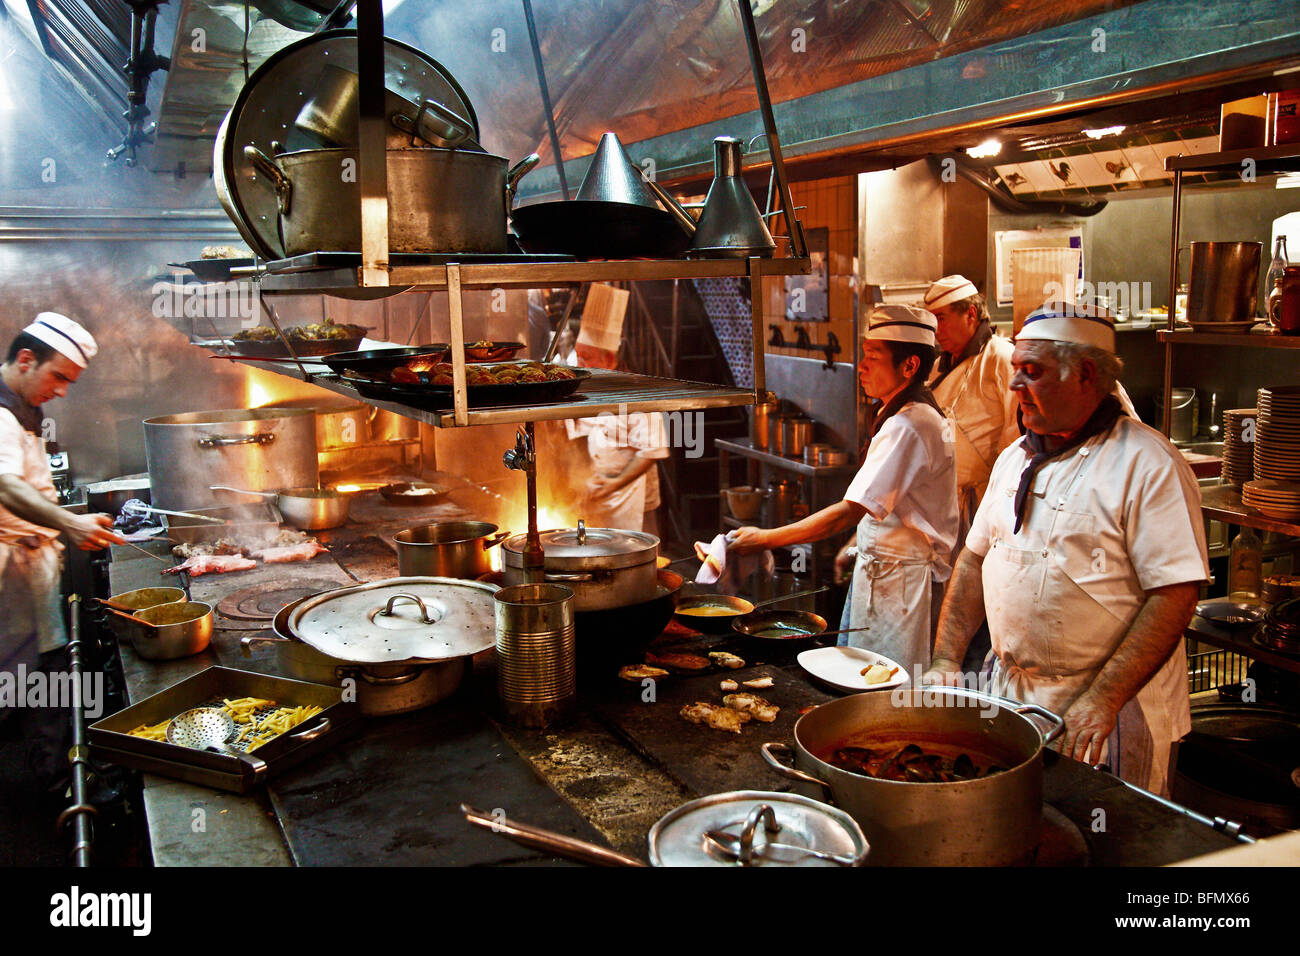 Spanien, Cataluna, Barcelona, Ciutat Vella, Koch in der Küche des ...